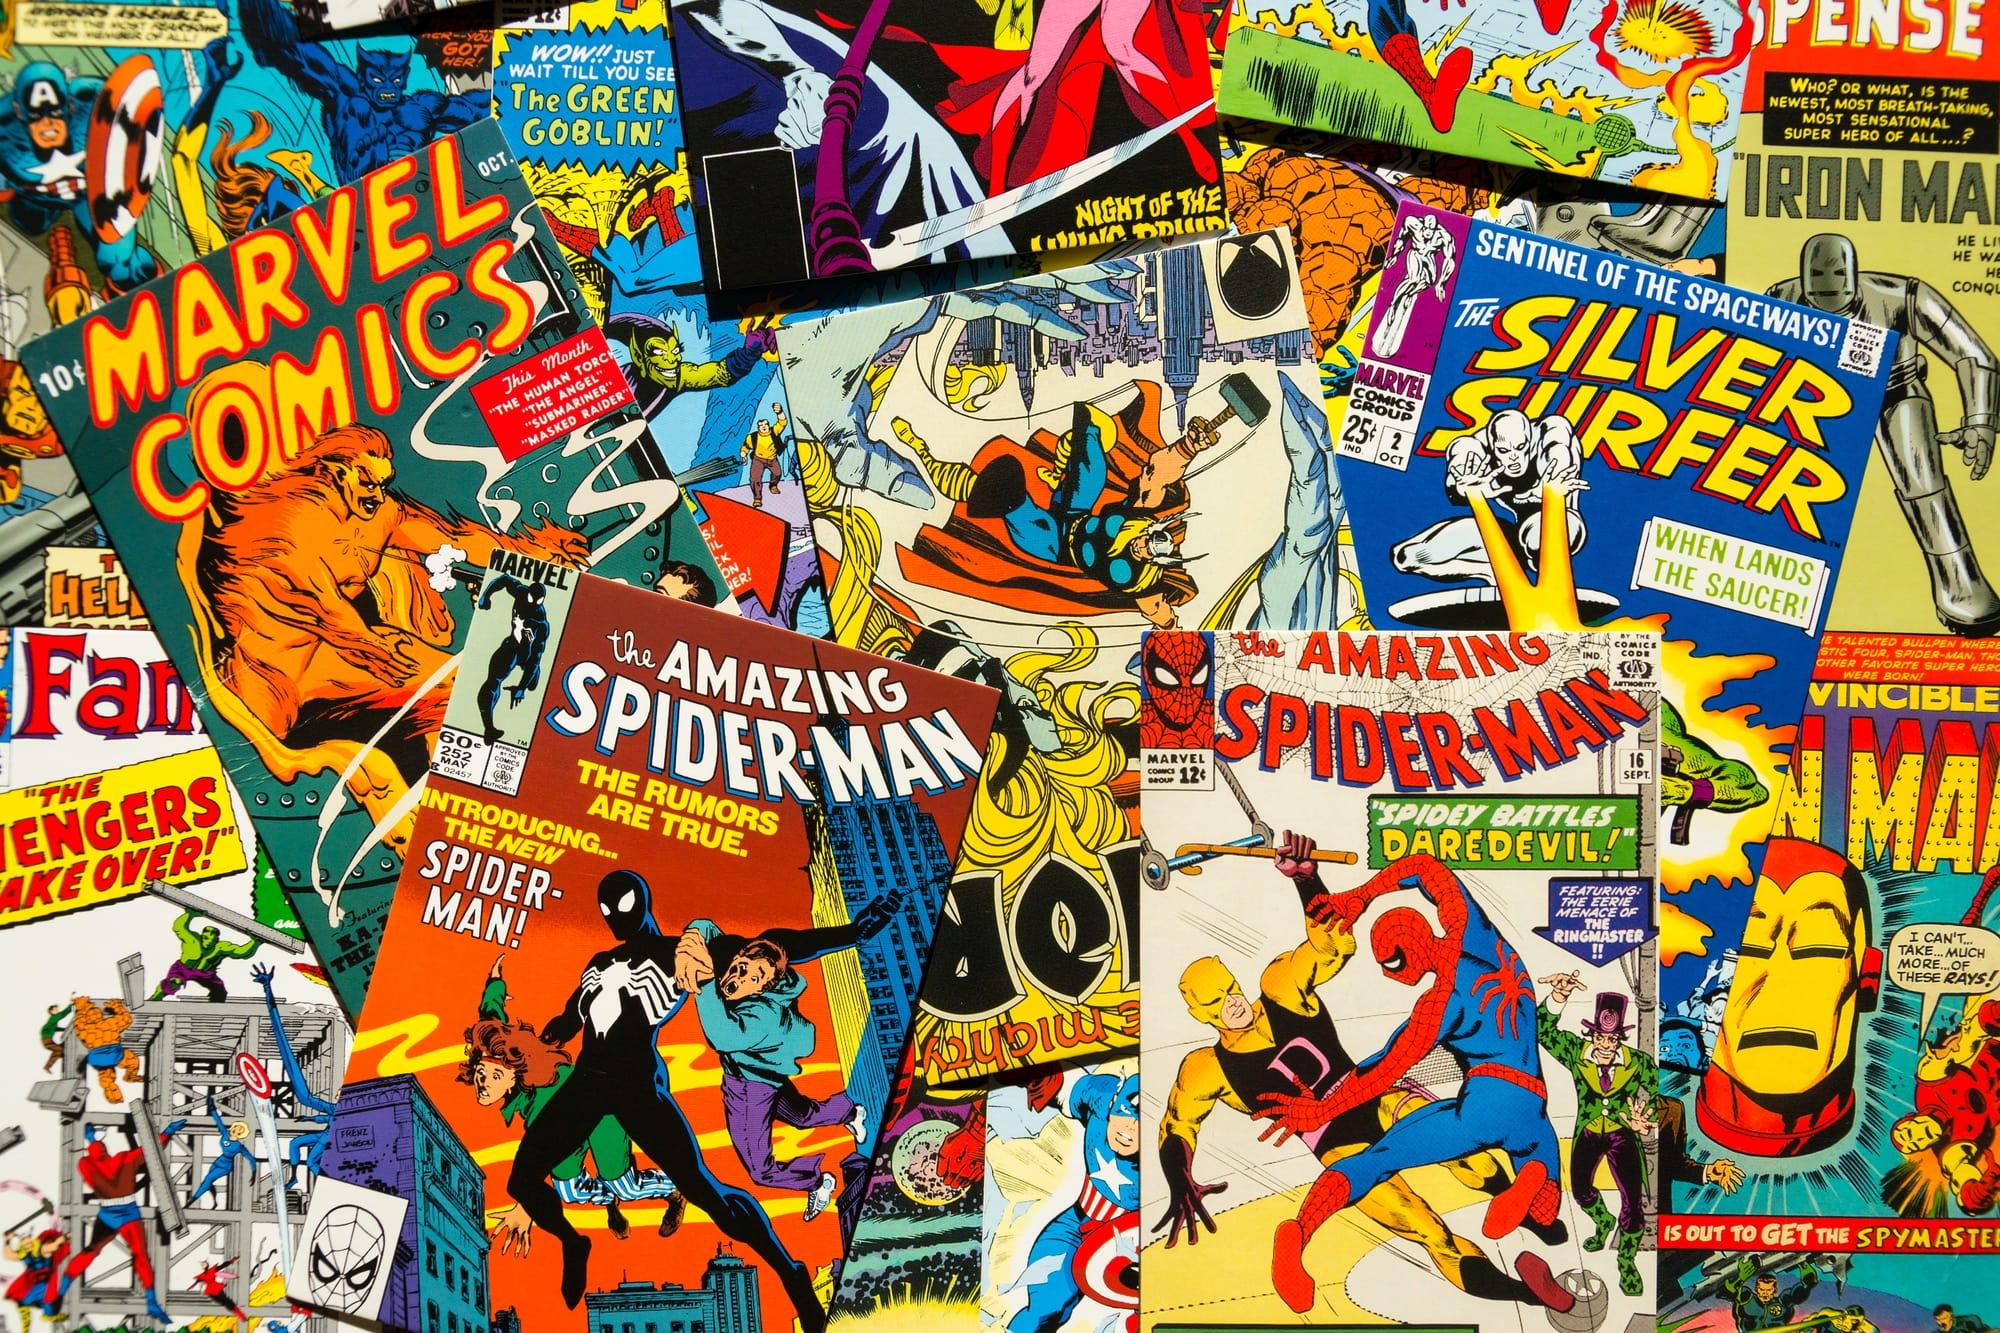 Режиссер Стивен Форд просит Marvel снять сериал в духе «Секретных материалов»